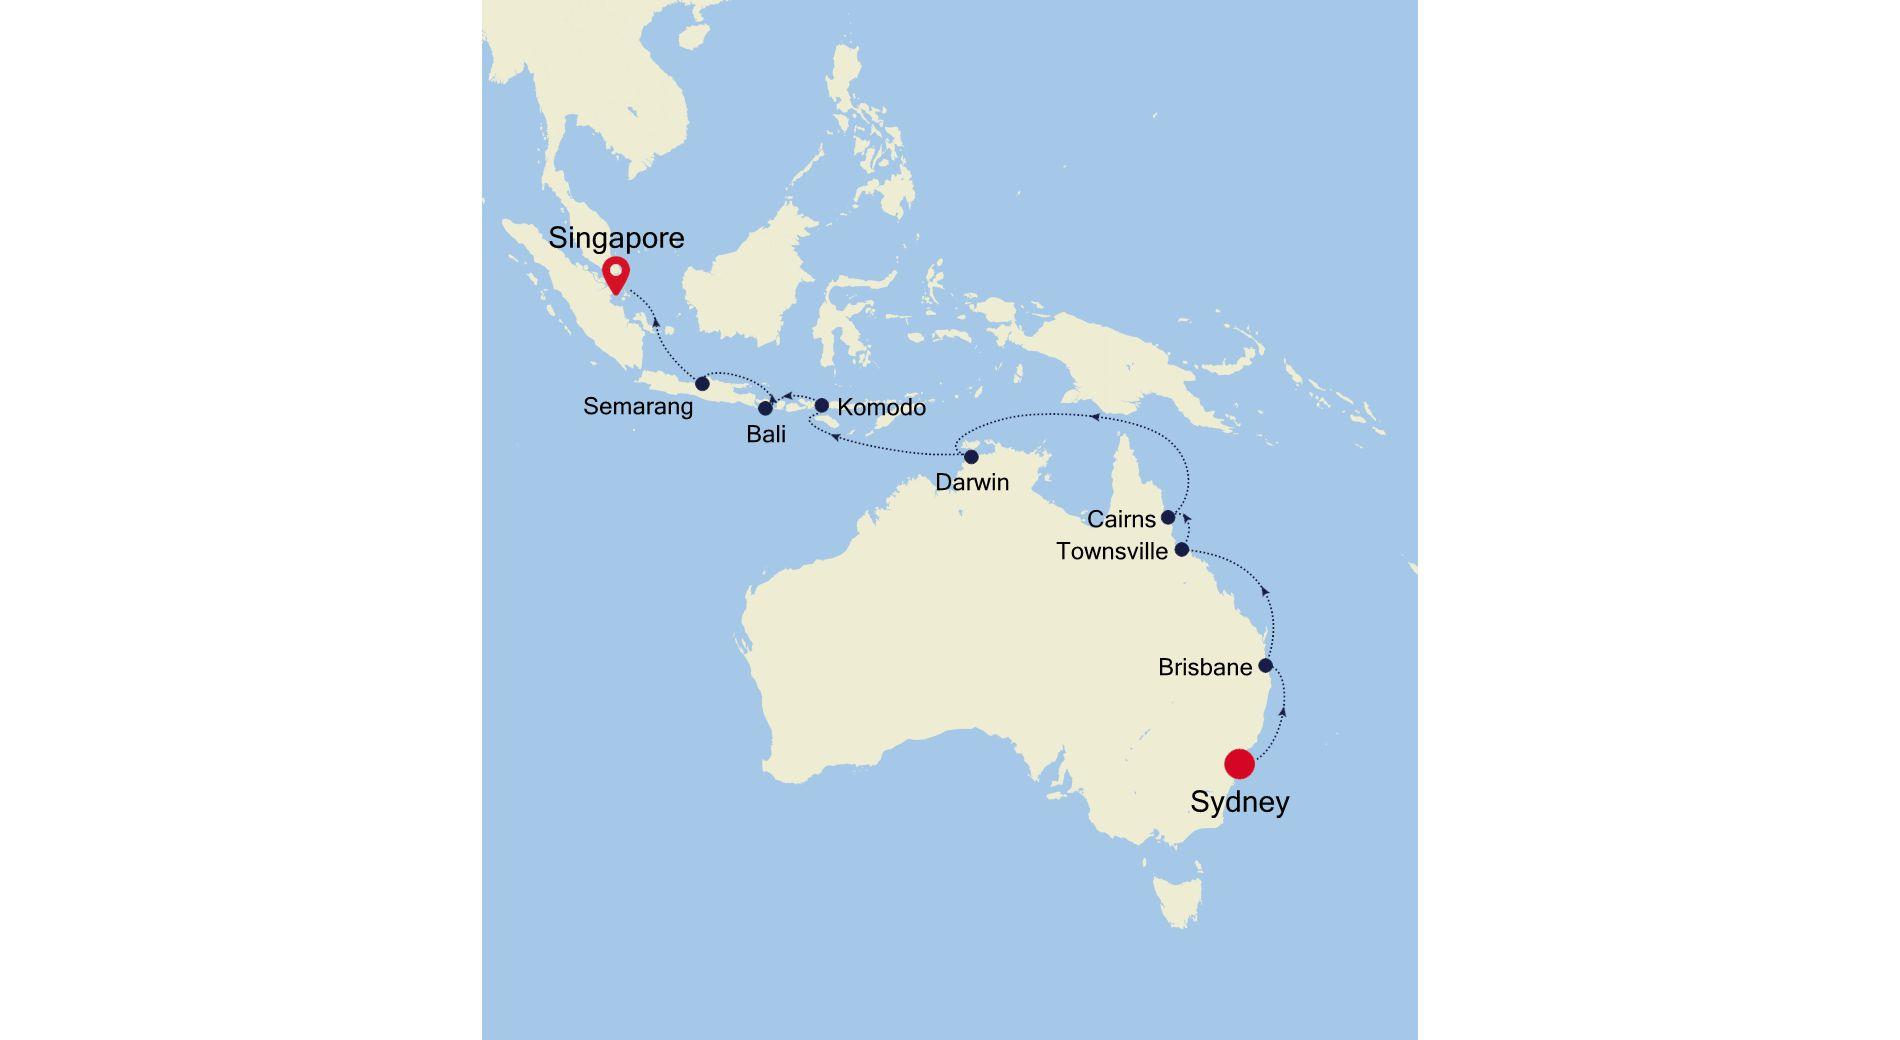 SM210219018 - Sydney nach Singapore